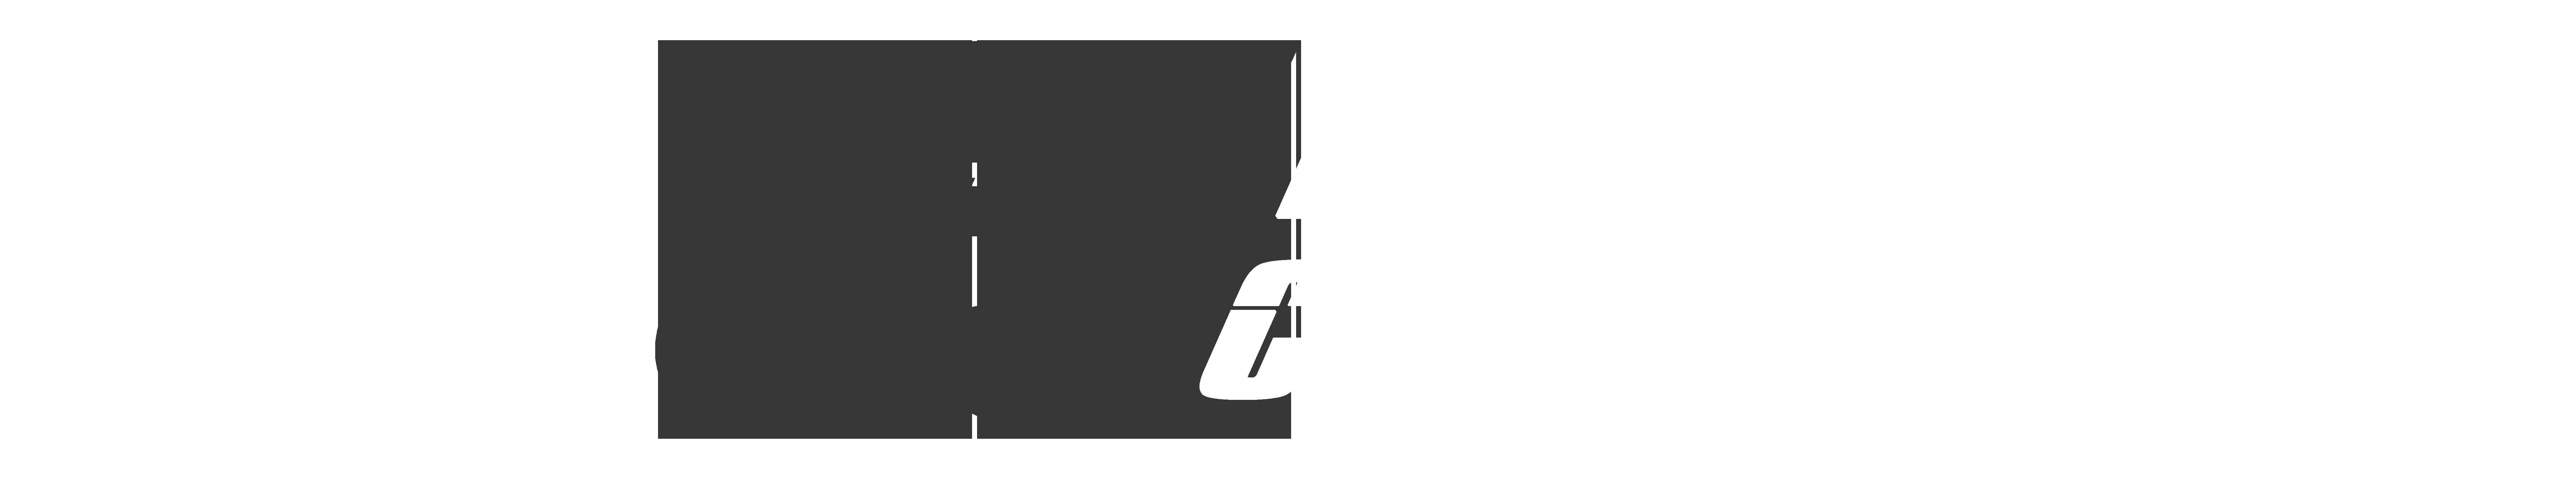 Clients-Site20-1